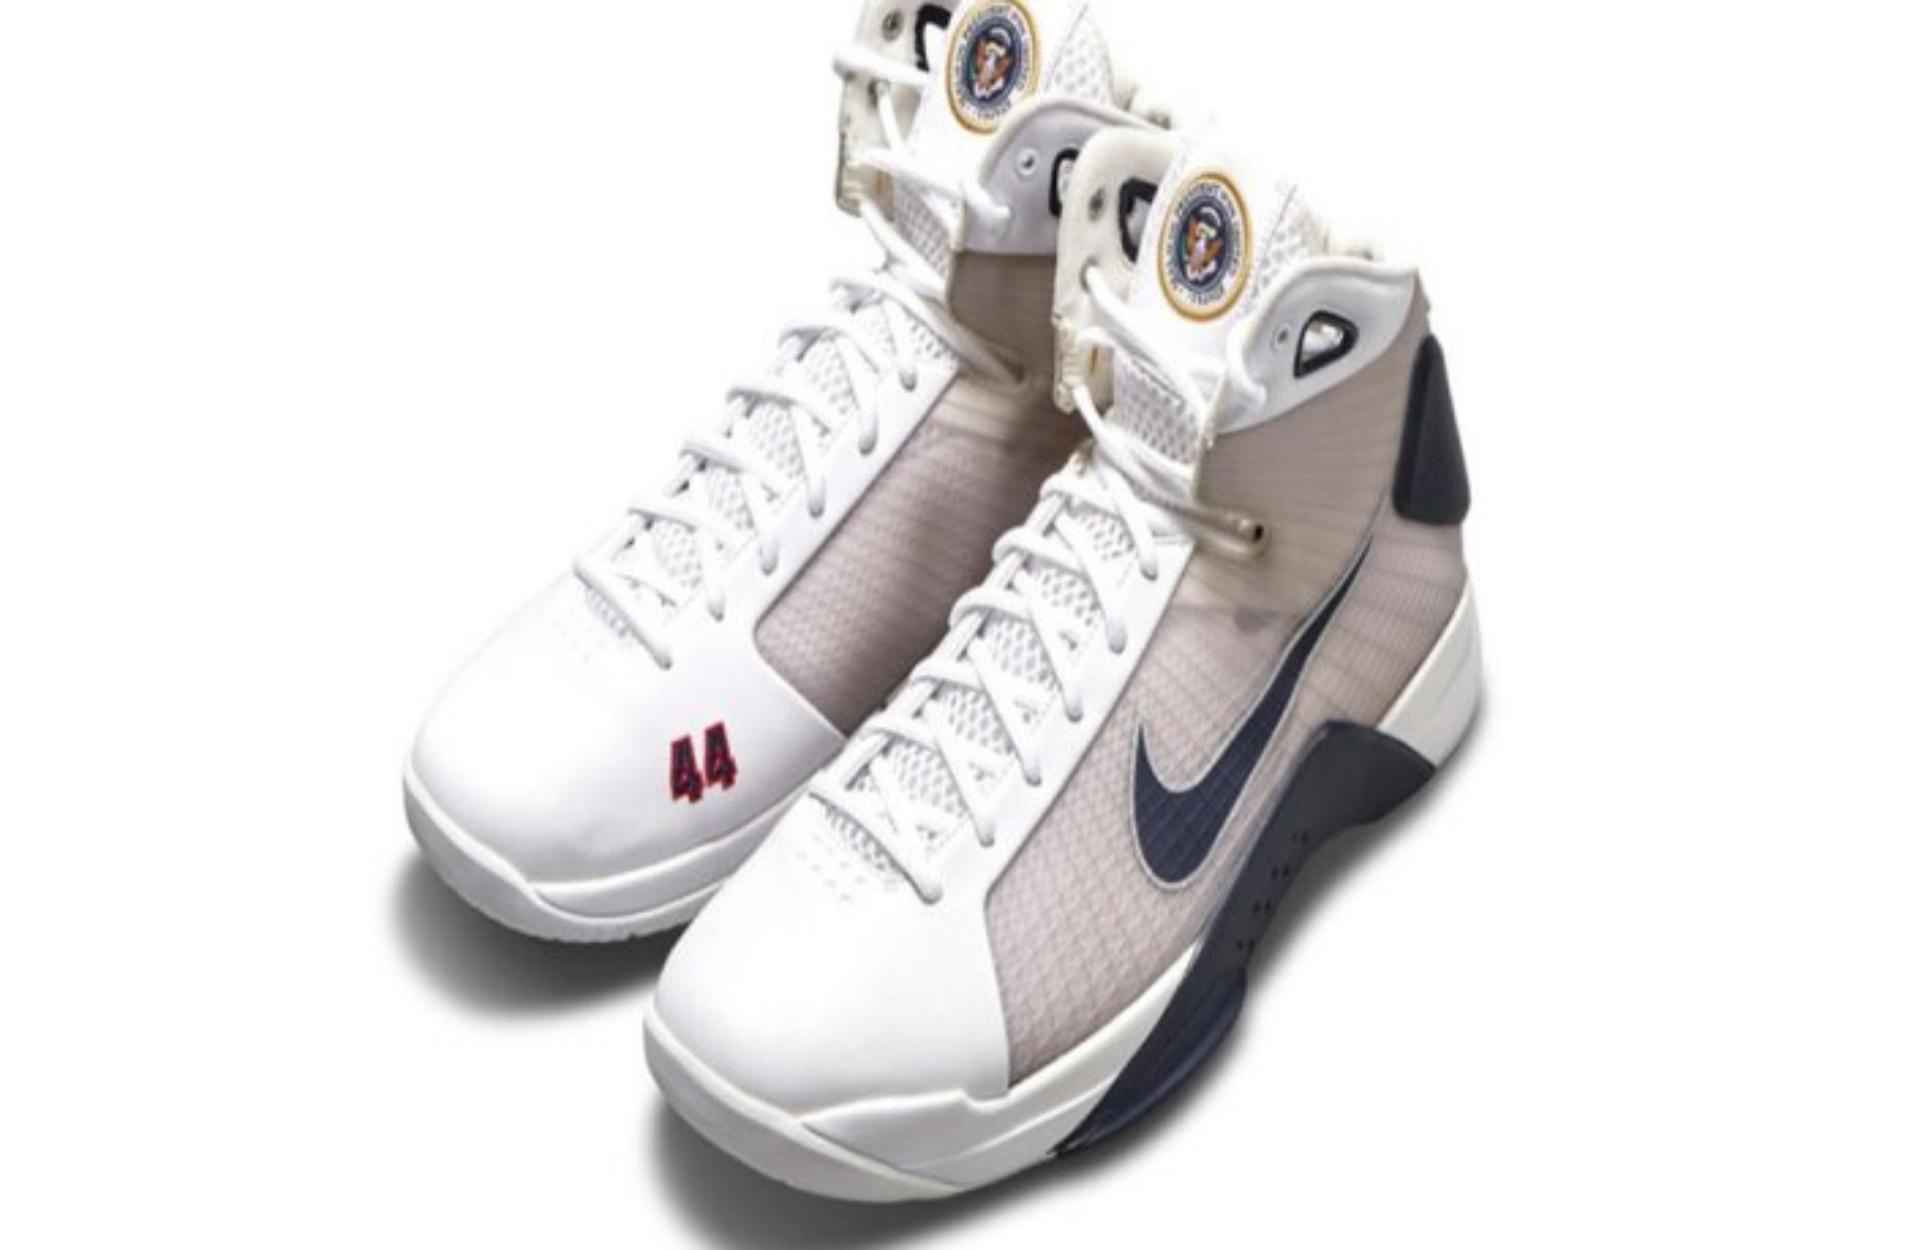 Τα sneakers των 25.000 δολαρίων της Nike για τον Μπαράκ Ομπάμα